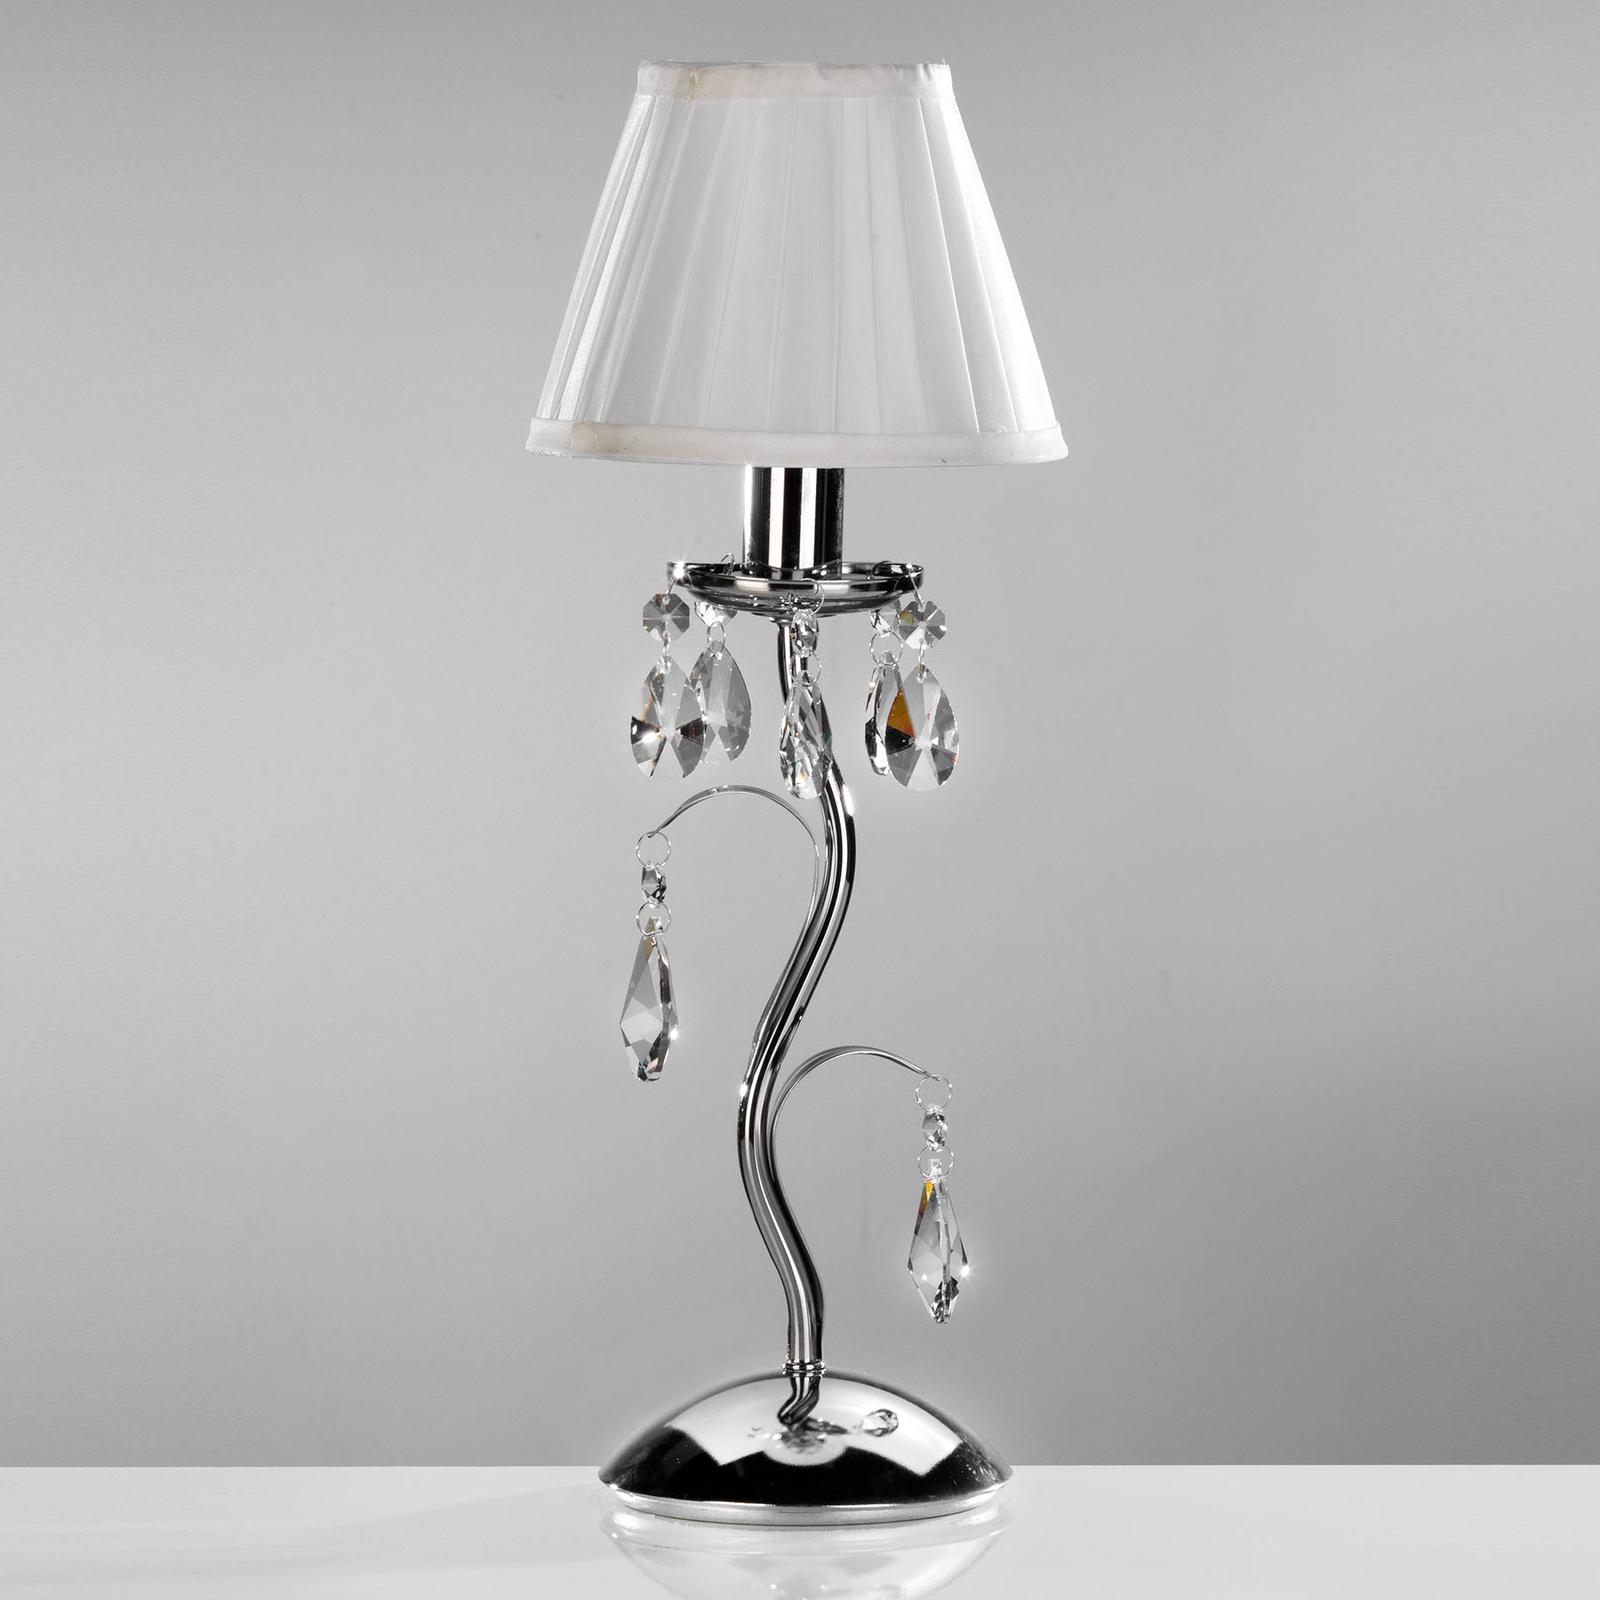 Lampa stołowa Jacqueline, 1-punktowa, biała